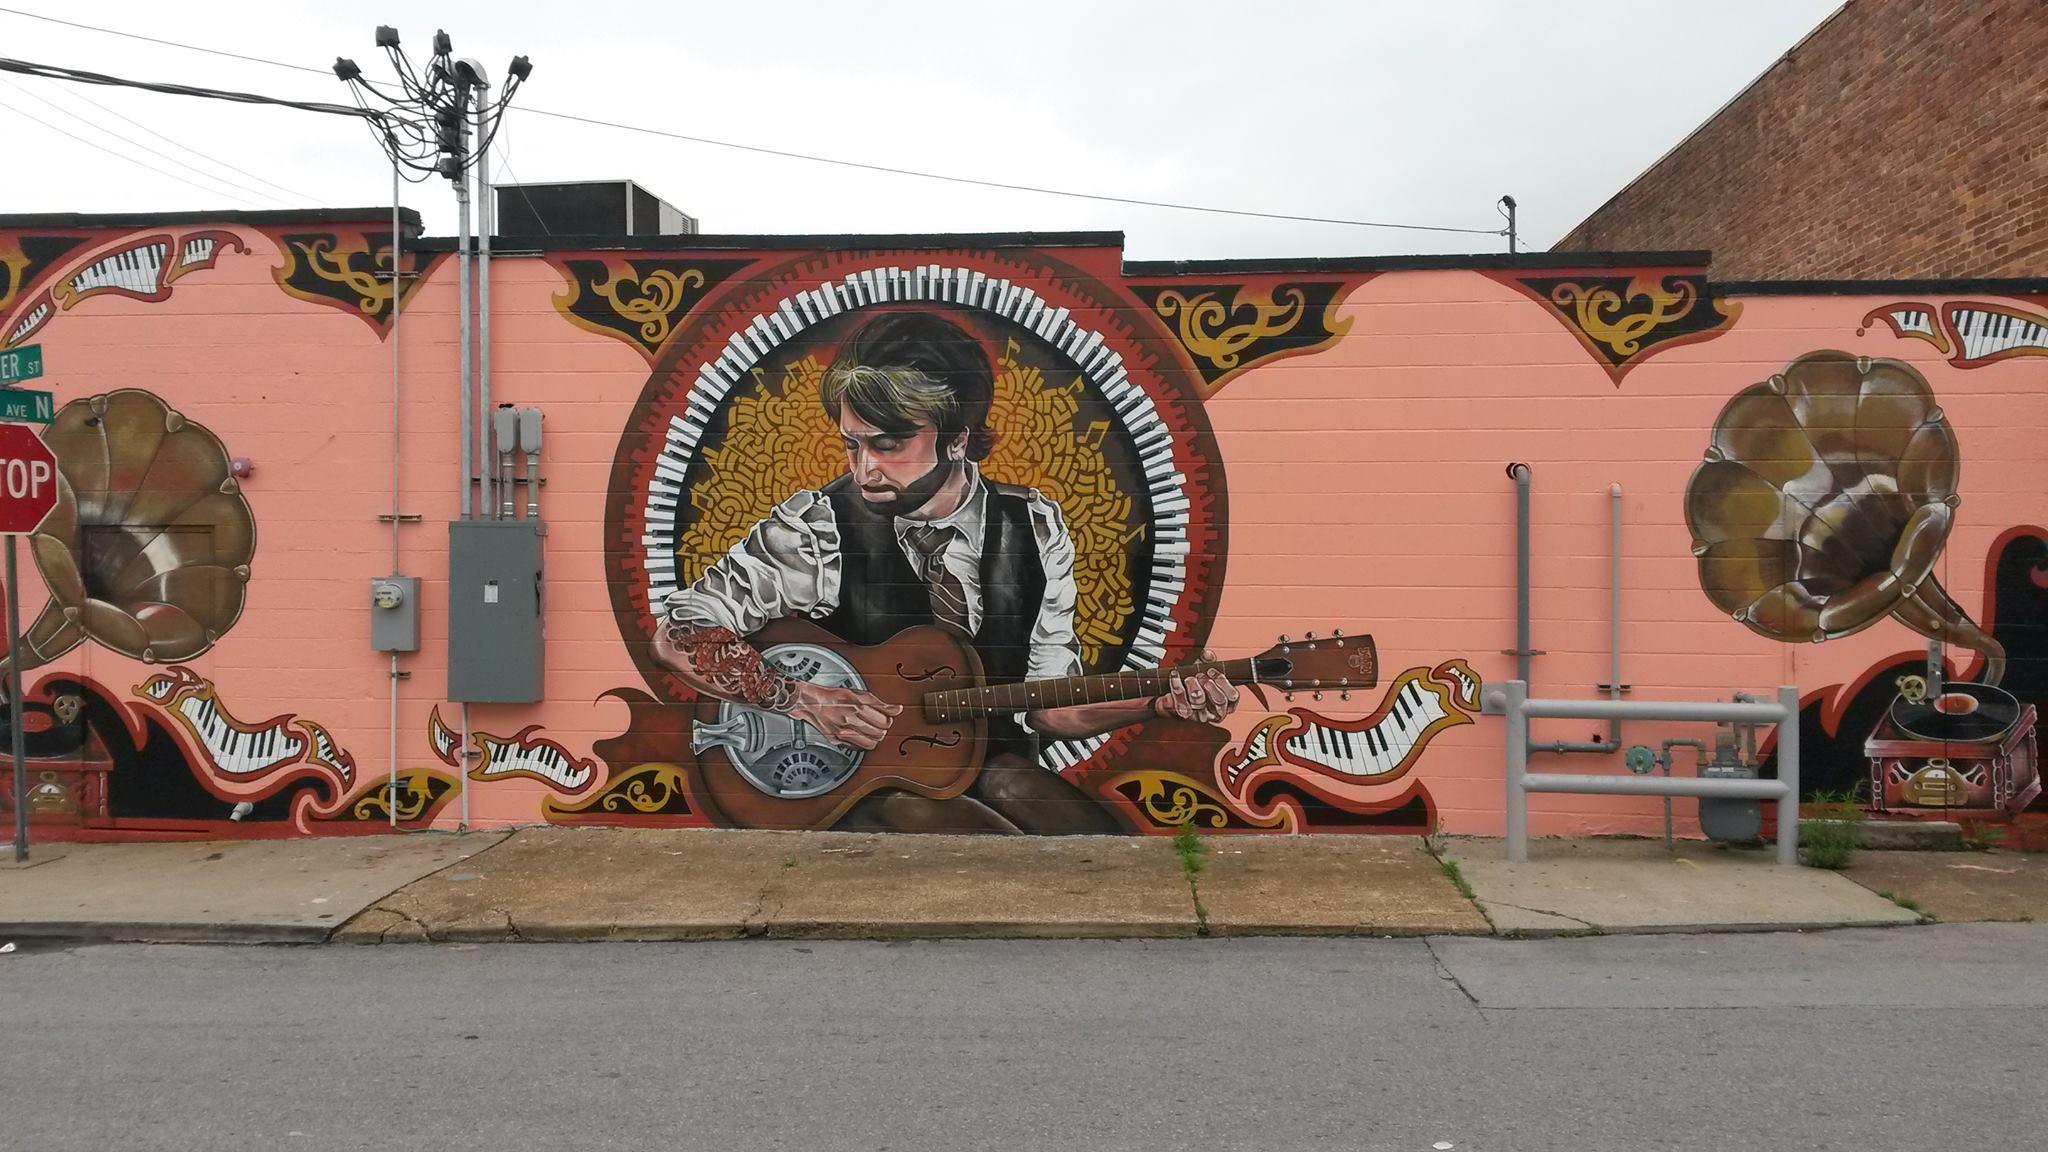 Nashvillemural.jpg